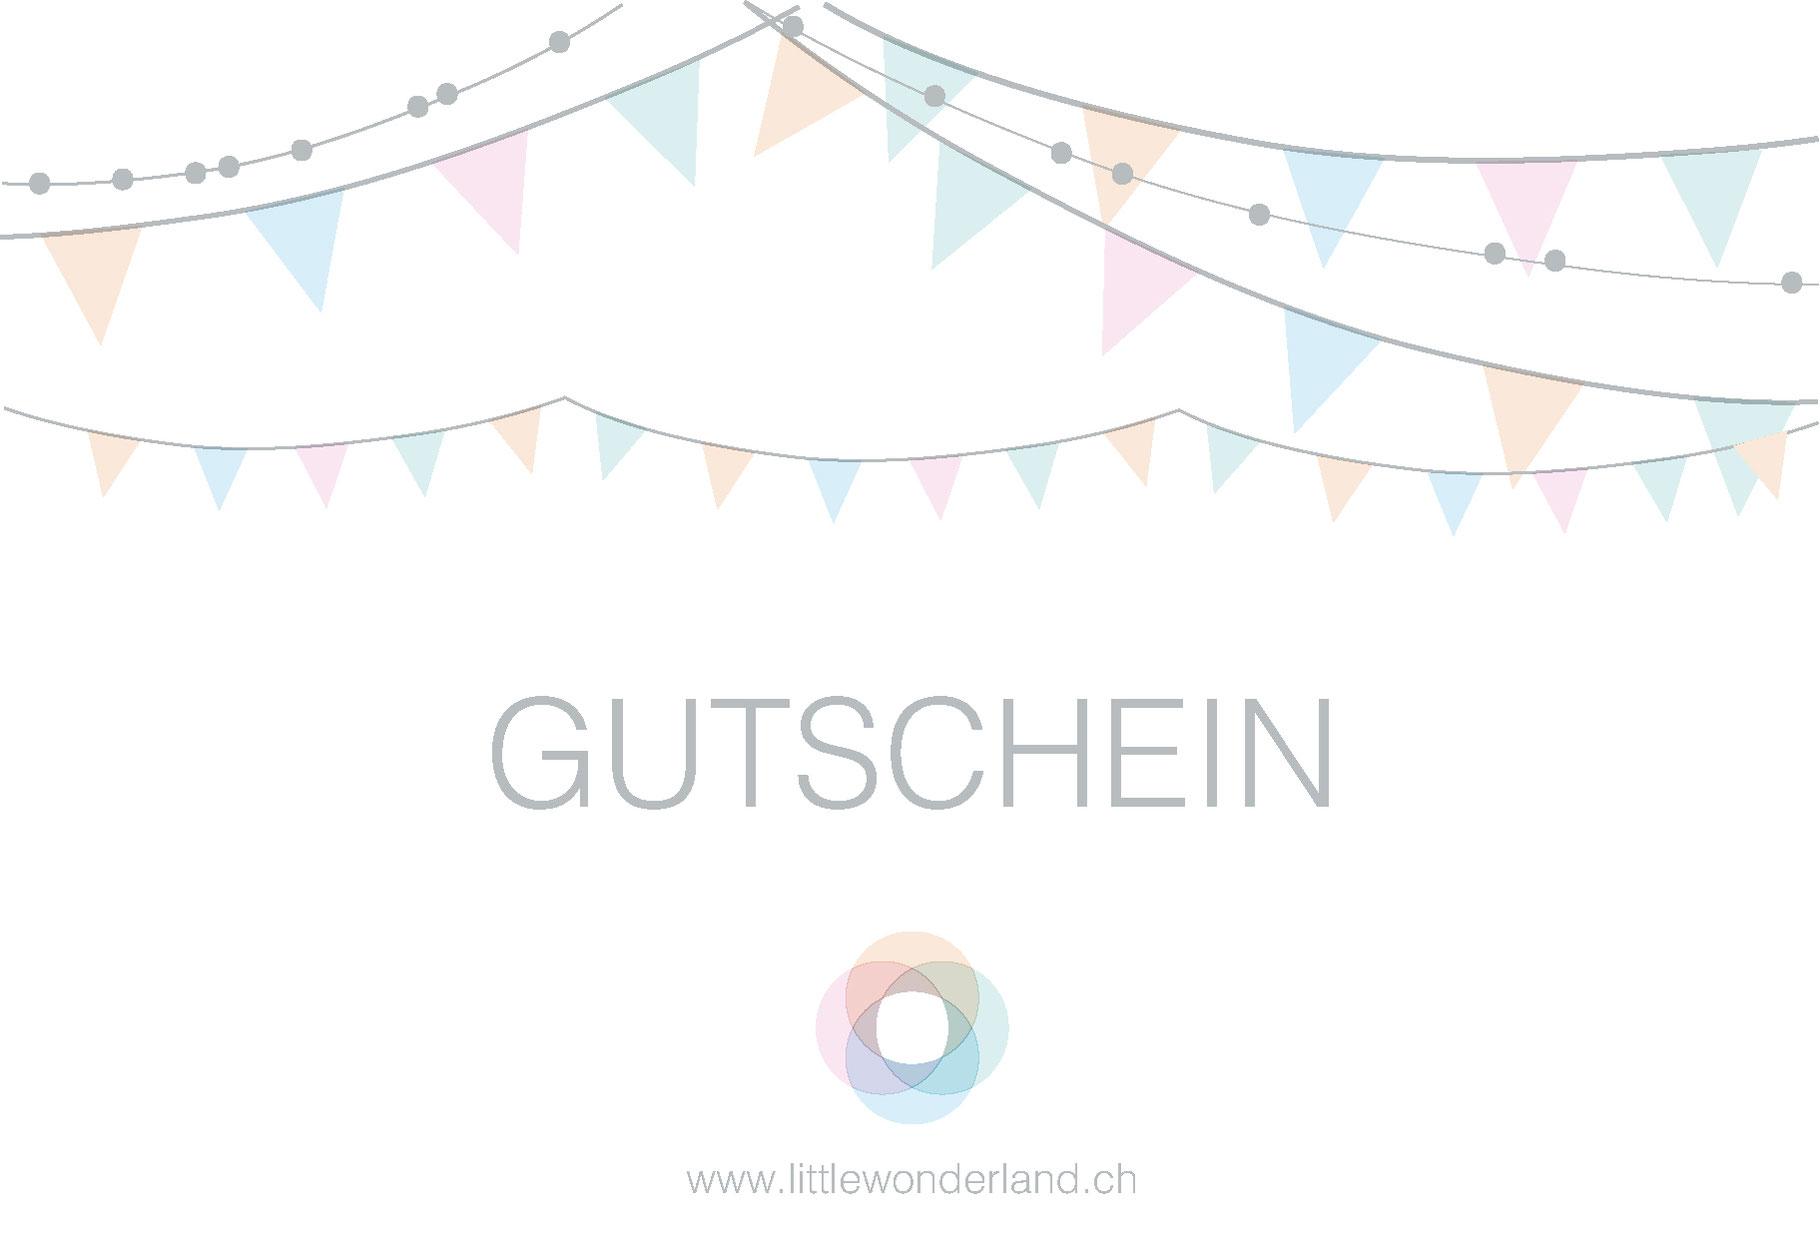 Gutschein - littlewonderland Kinder- und Partyartikel